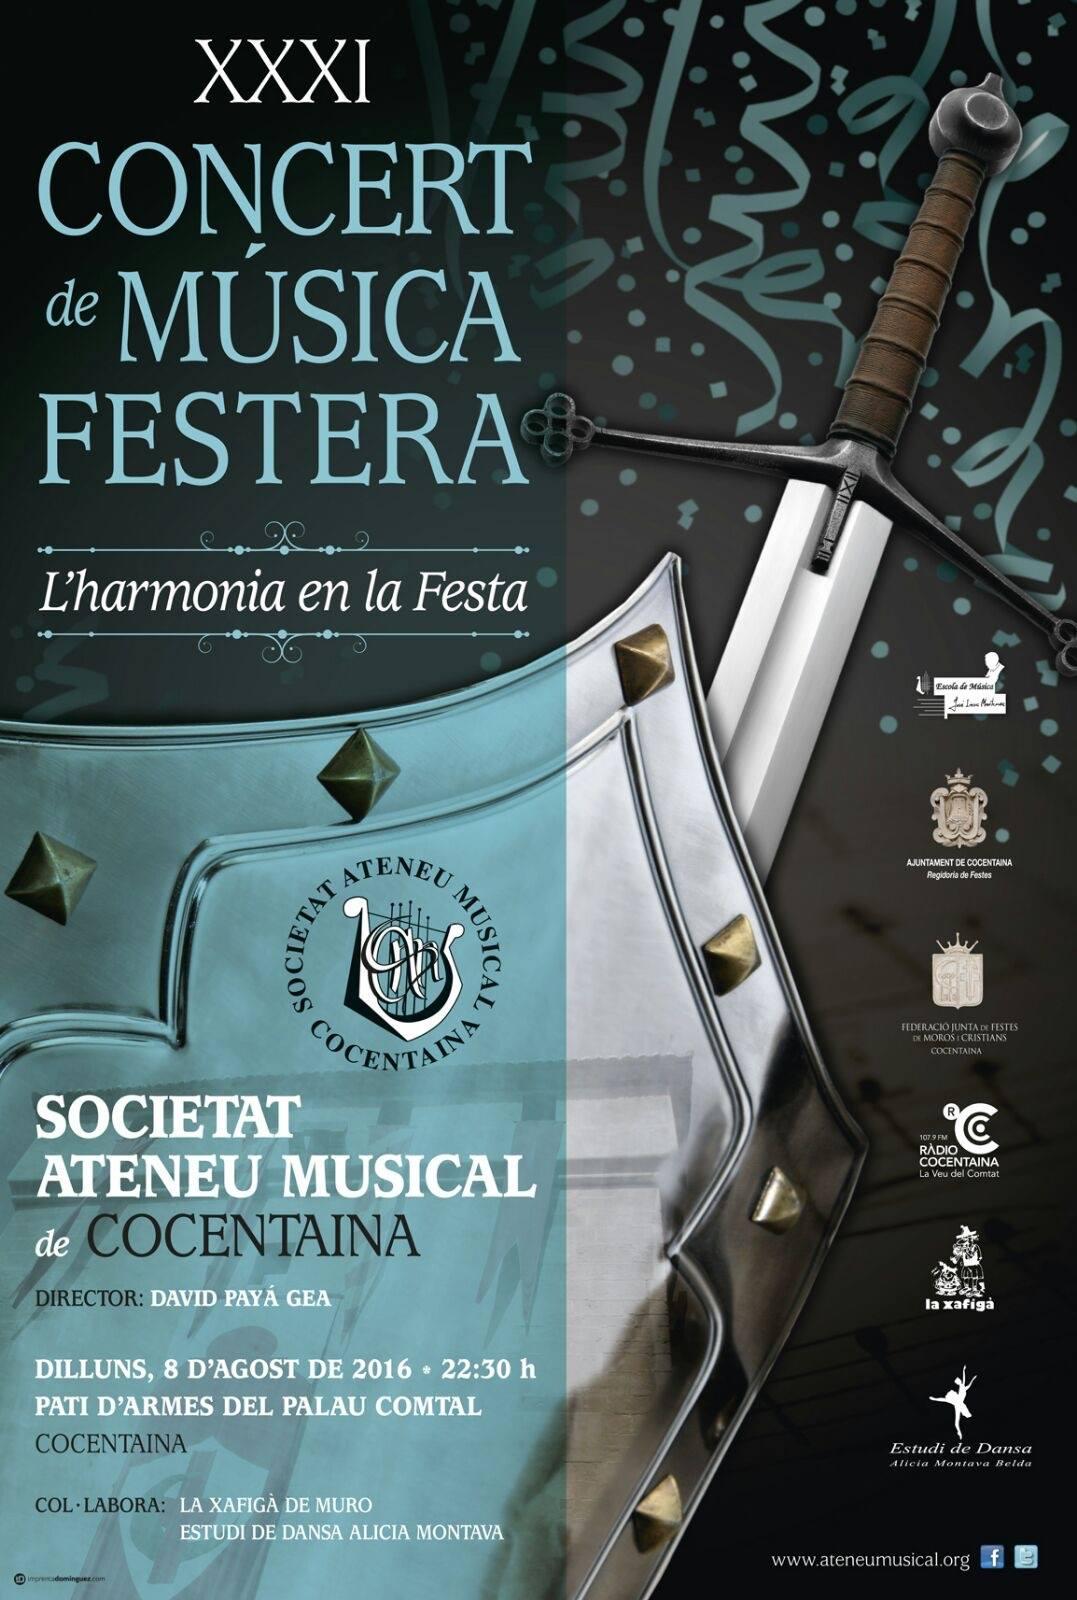 XXXI CONCERT de Música Festera, de la SOCIETAT ATENEU MUSICAL DE COCENTAINA